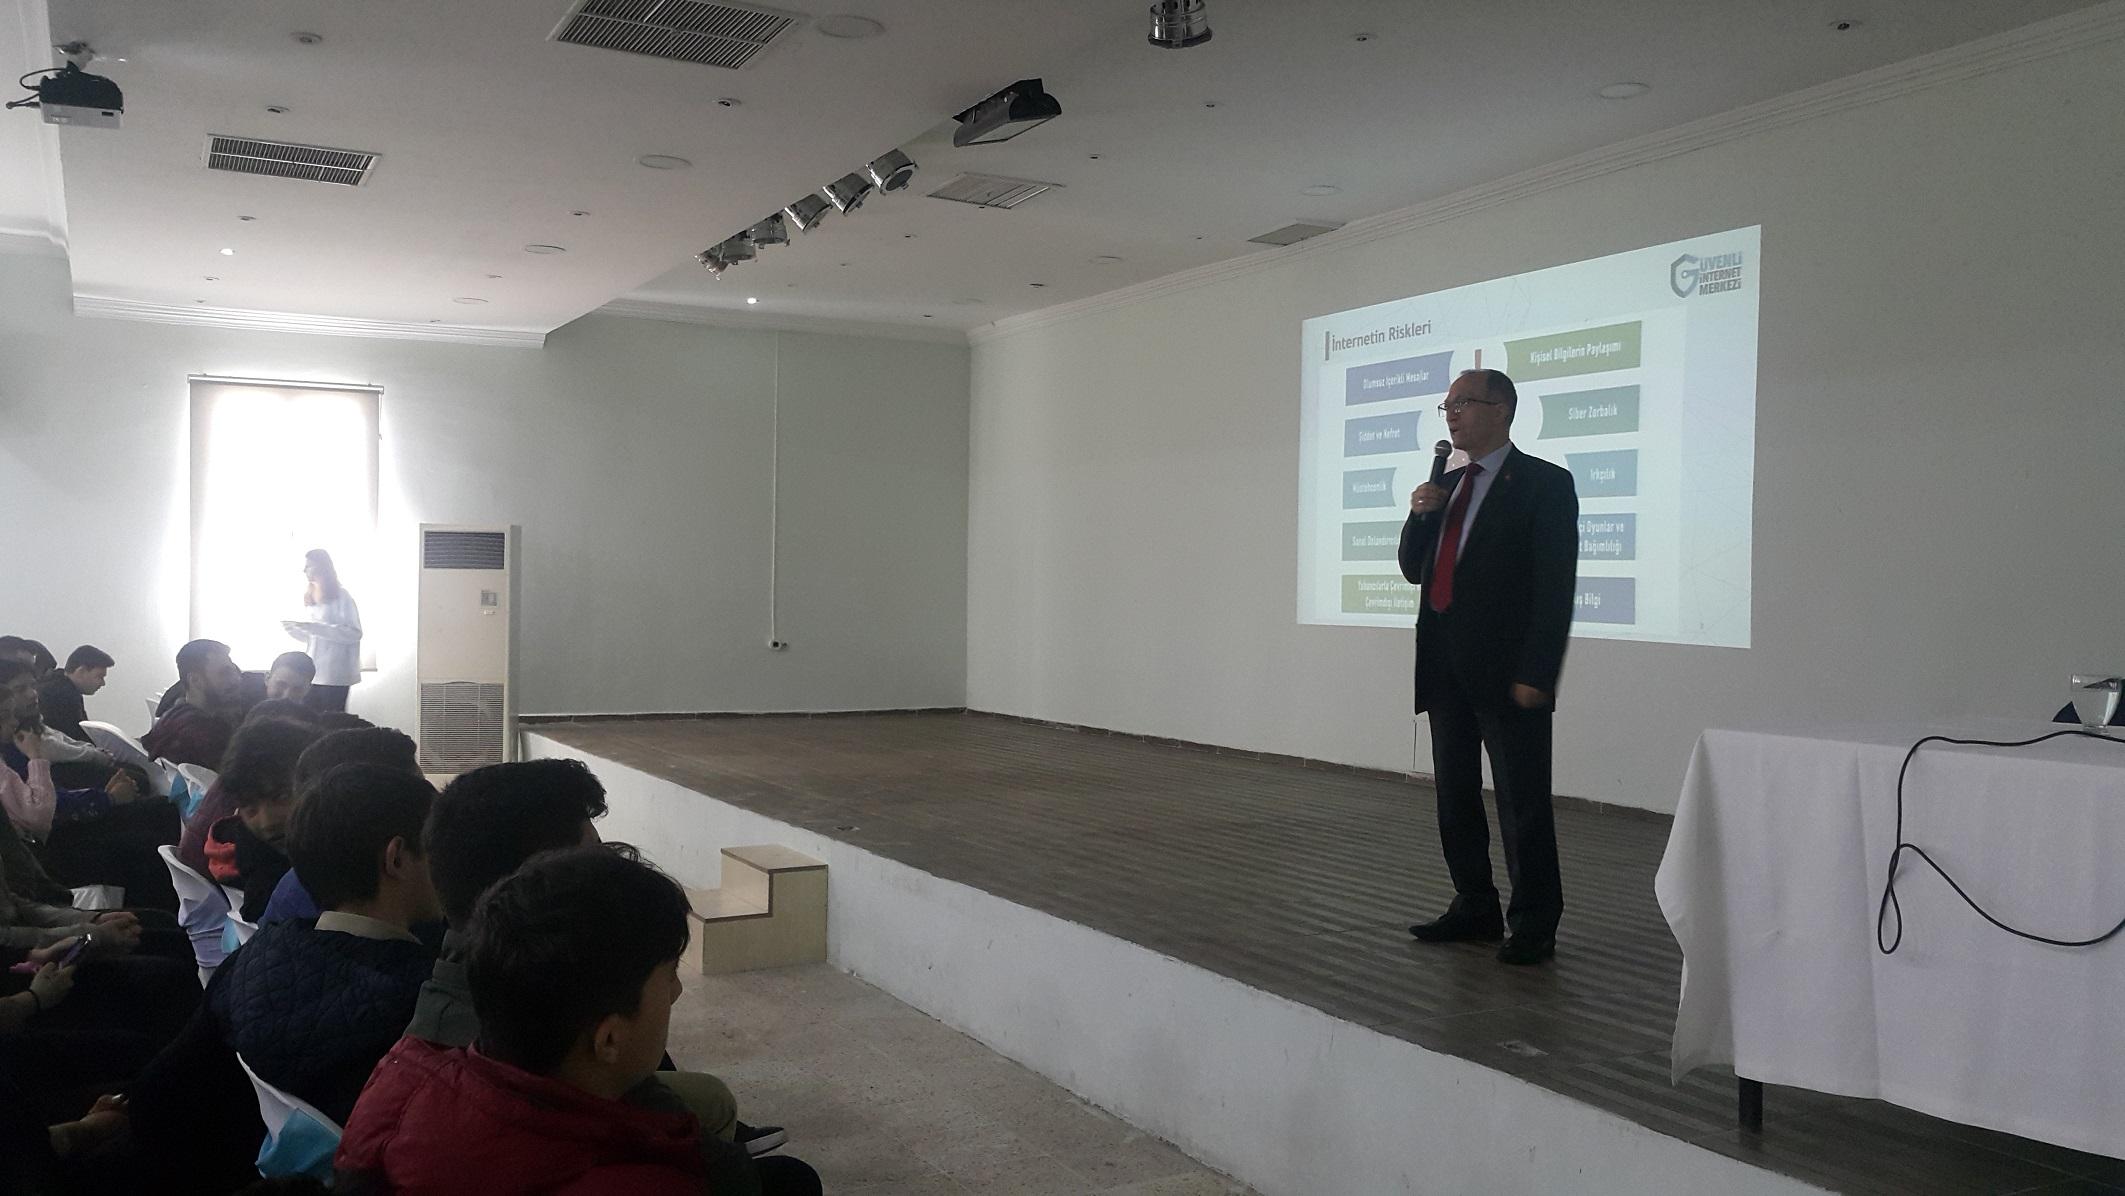 Muğla, Bodrum Turgut Reis Mesleki Teknik ve Anadolu Lisesinde, Bilinçli ve Güvenli İnternet Semineri